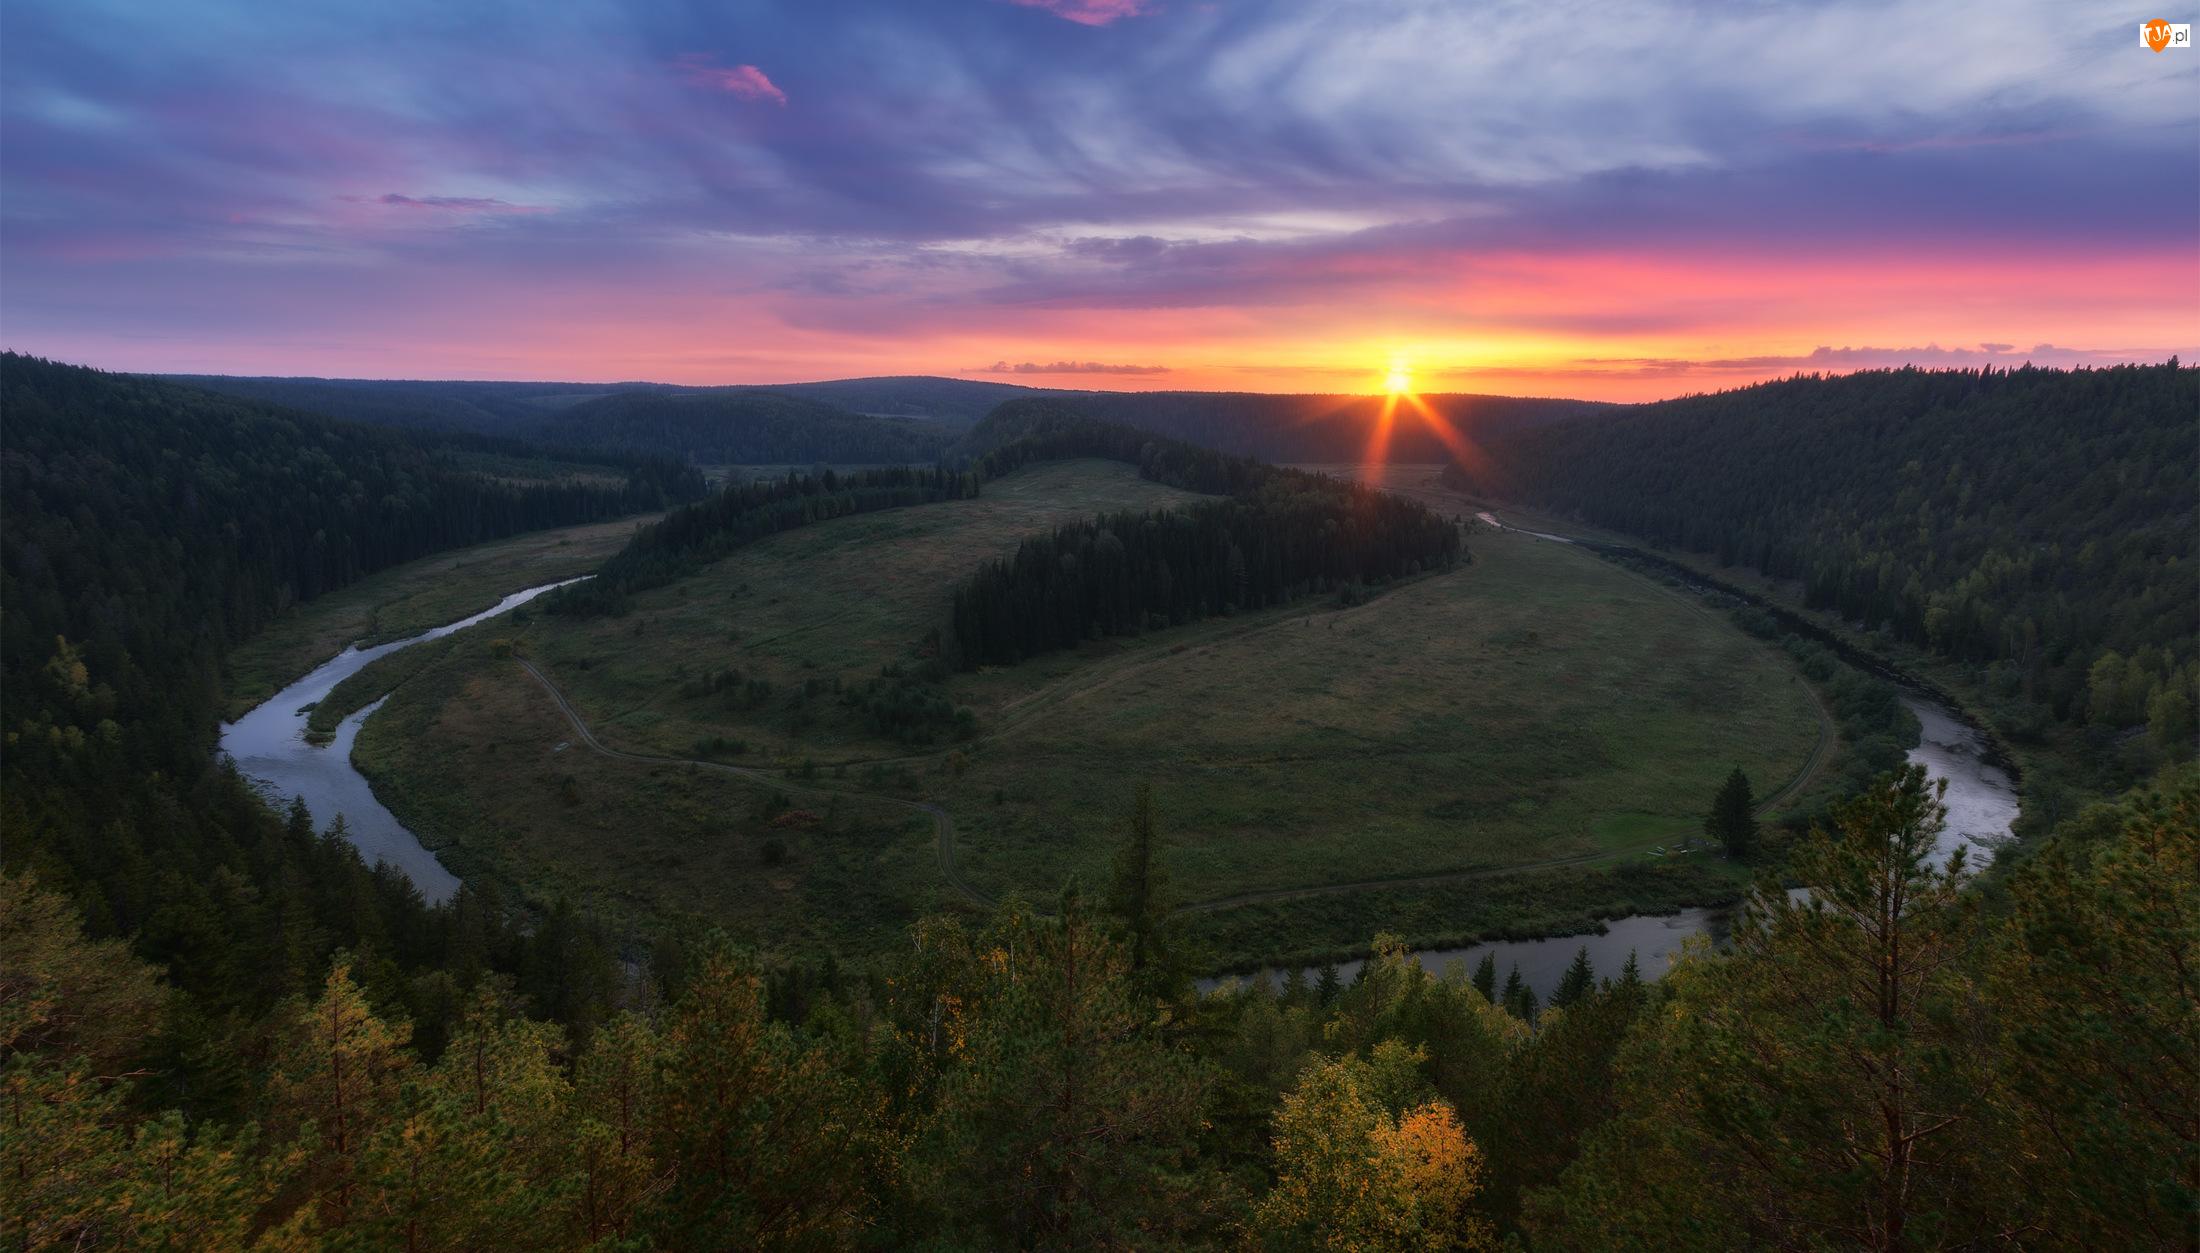 Zakole, Wzgórza, Rzeka, Zachód słońca, Meander, Drzewa